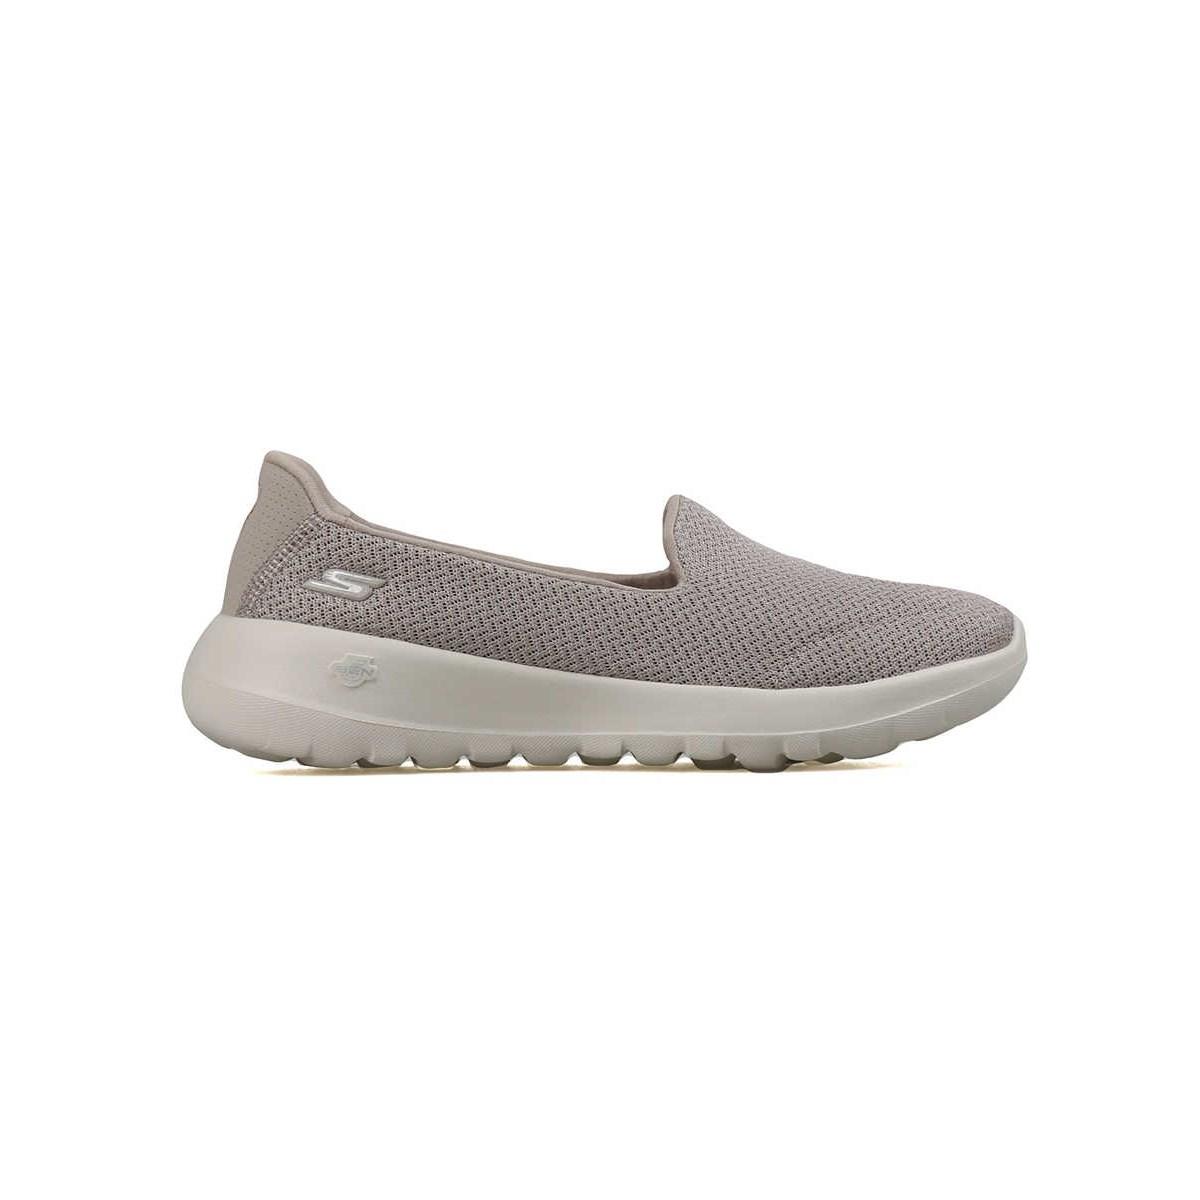 Go Walk Joy- Splendid Kadın Bej Yürüyüş Ayakkabısı